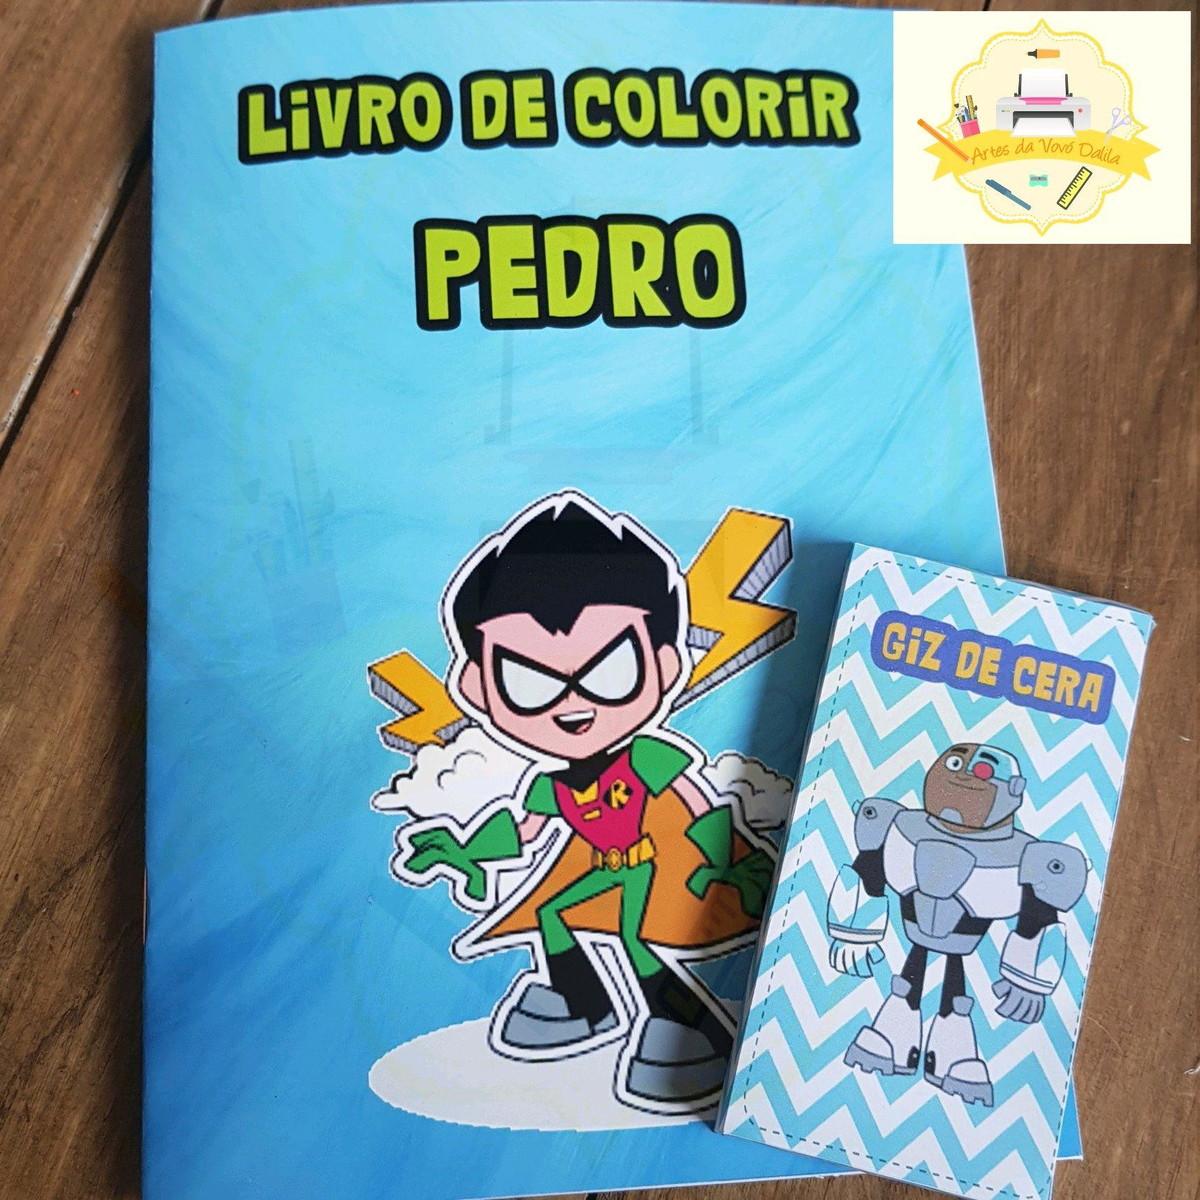 Livro De Colorir Jovens Titas No Elo7 Dalila De Vita D32ce5